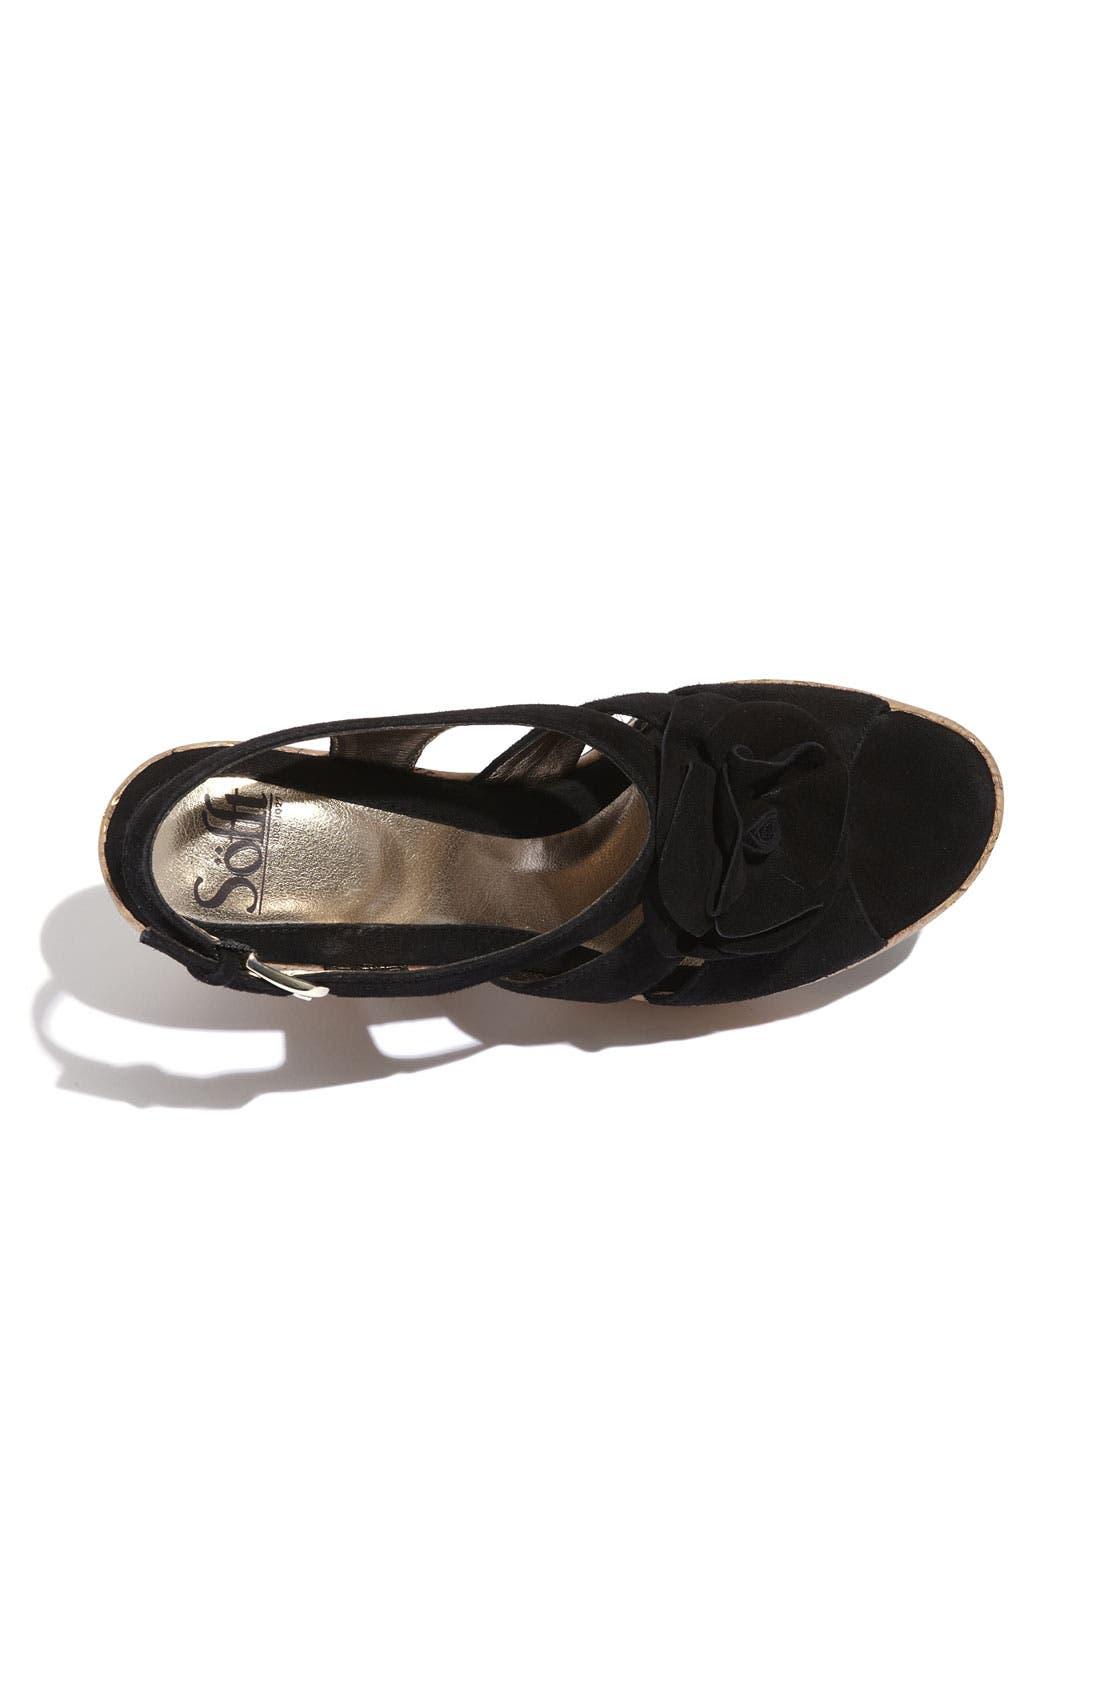 Alternate Image 3  - Söfft 'Odelle' Sandal